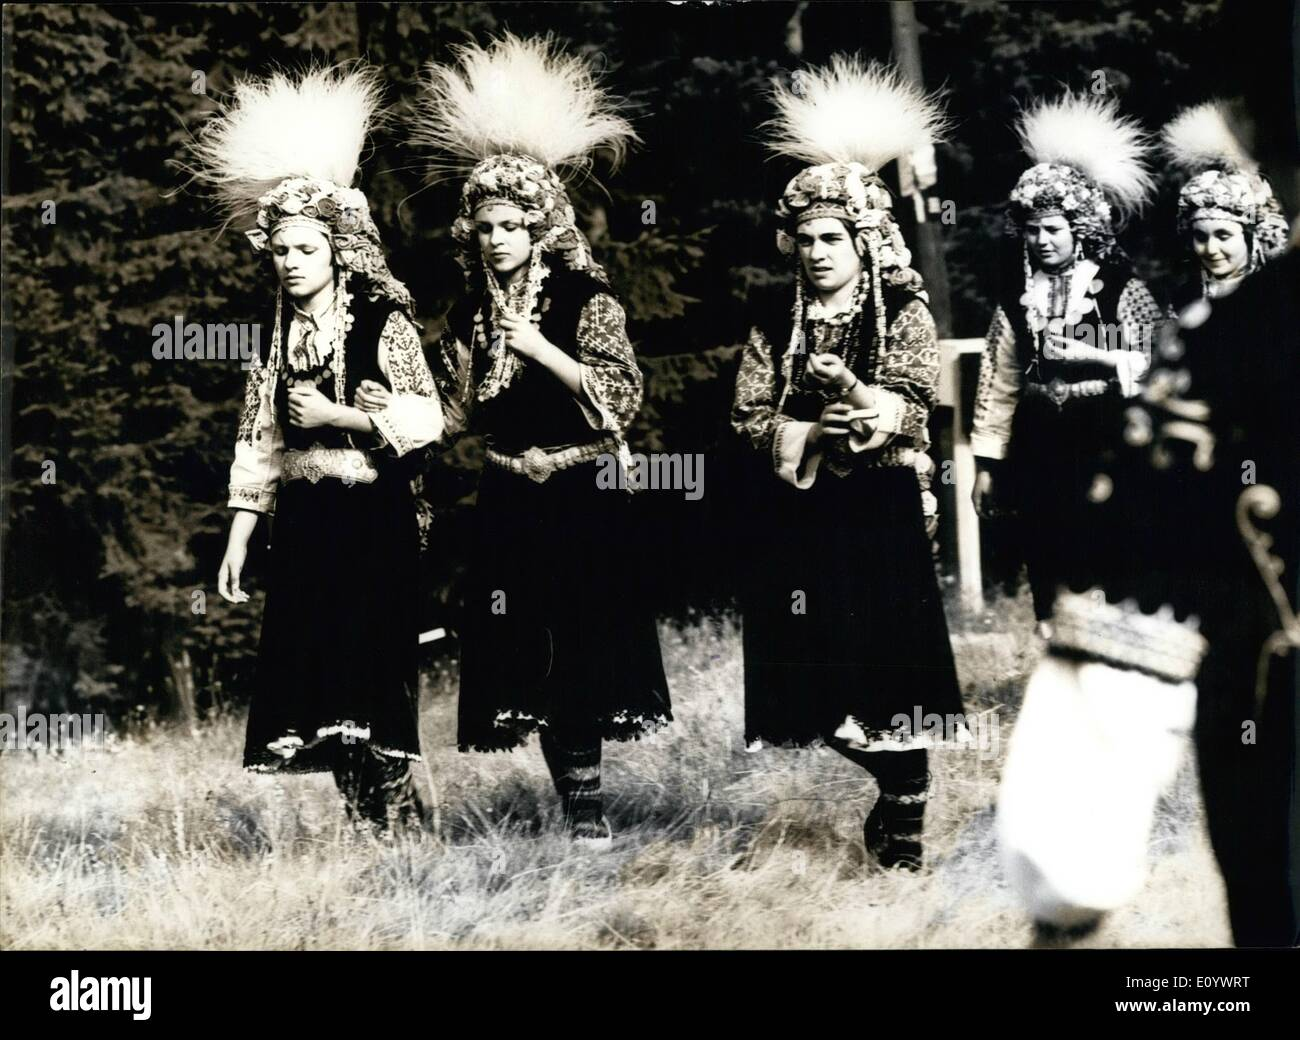 Agosto 08, 1971 - Festival de Folklore. La foto muestra a las niñas en hermosos trajes nacionales. Imagen De Stock